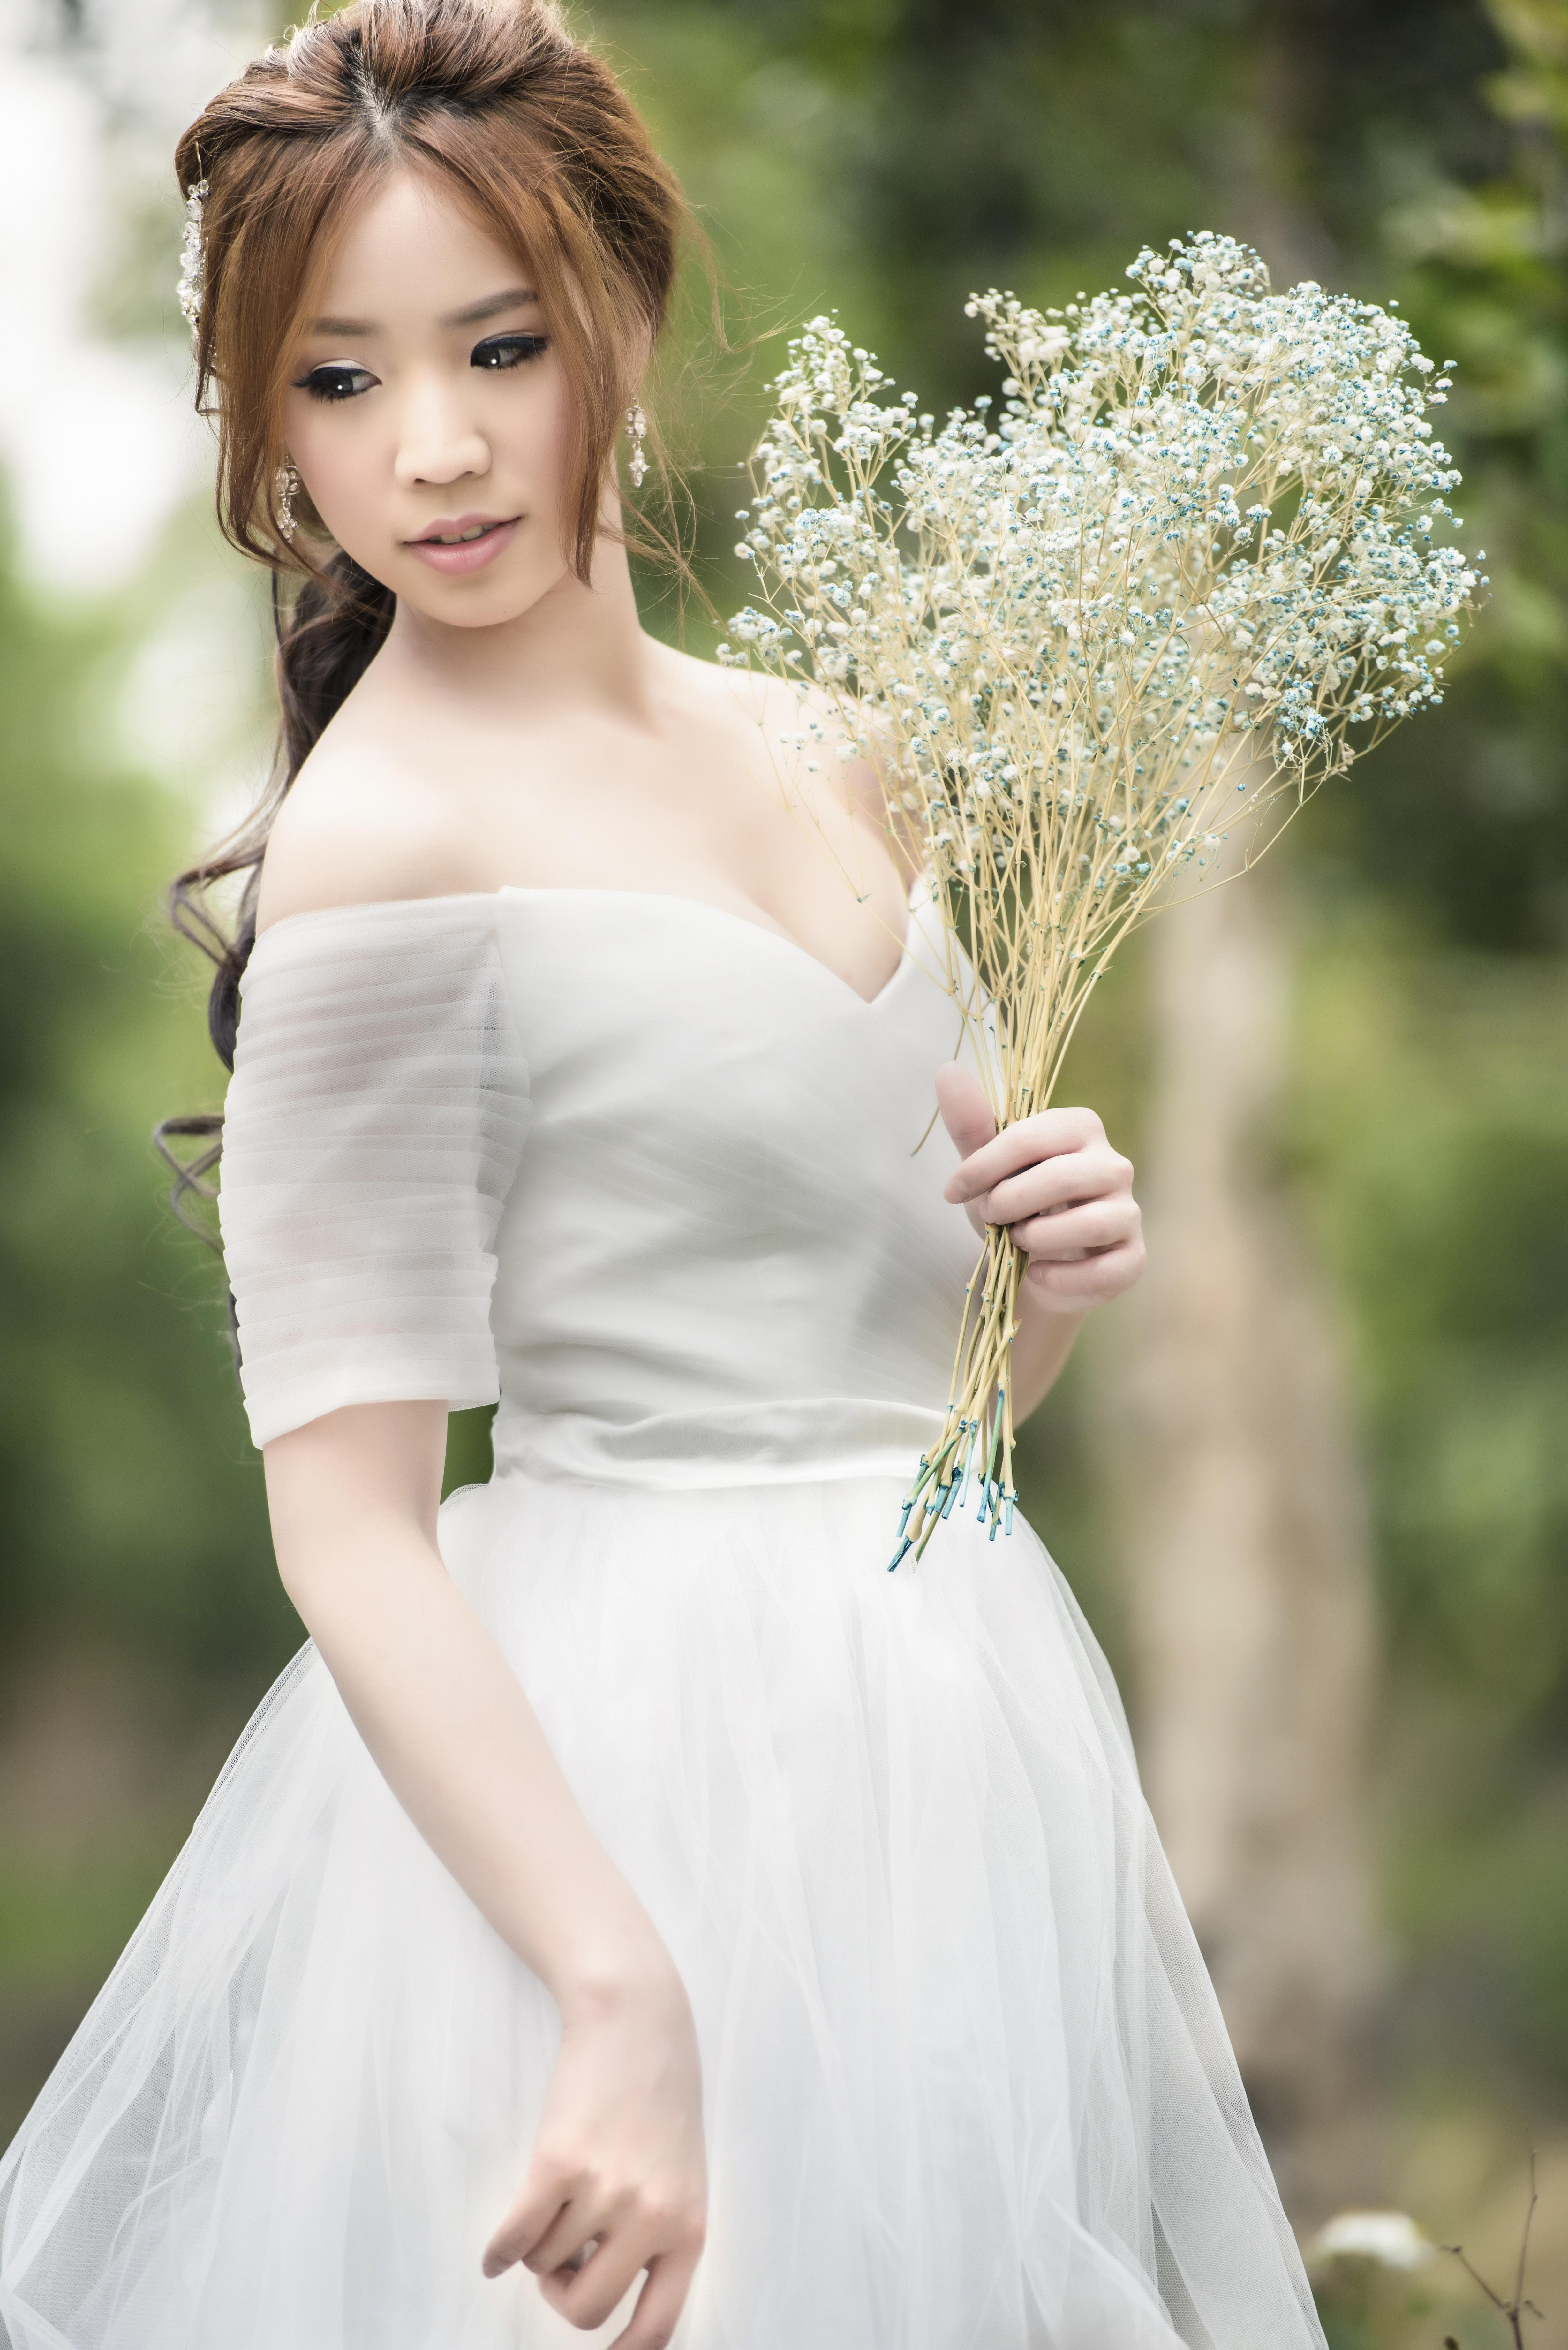 Kostenlose foto : Wald, Person, Frau, Blume, Herbst, Asien, Hochzeit ...